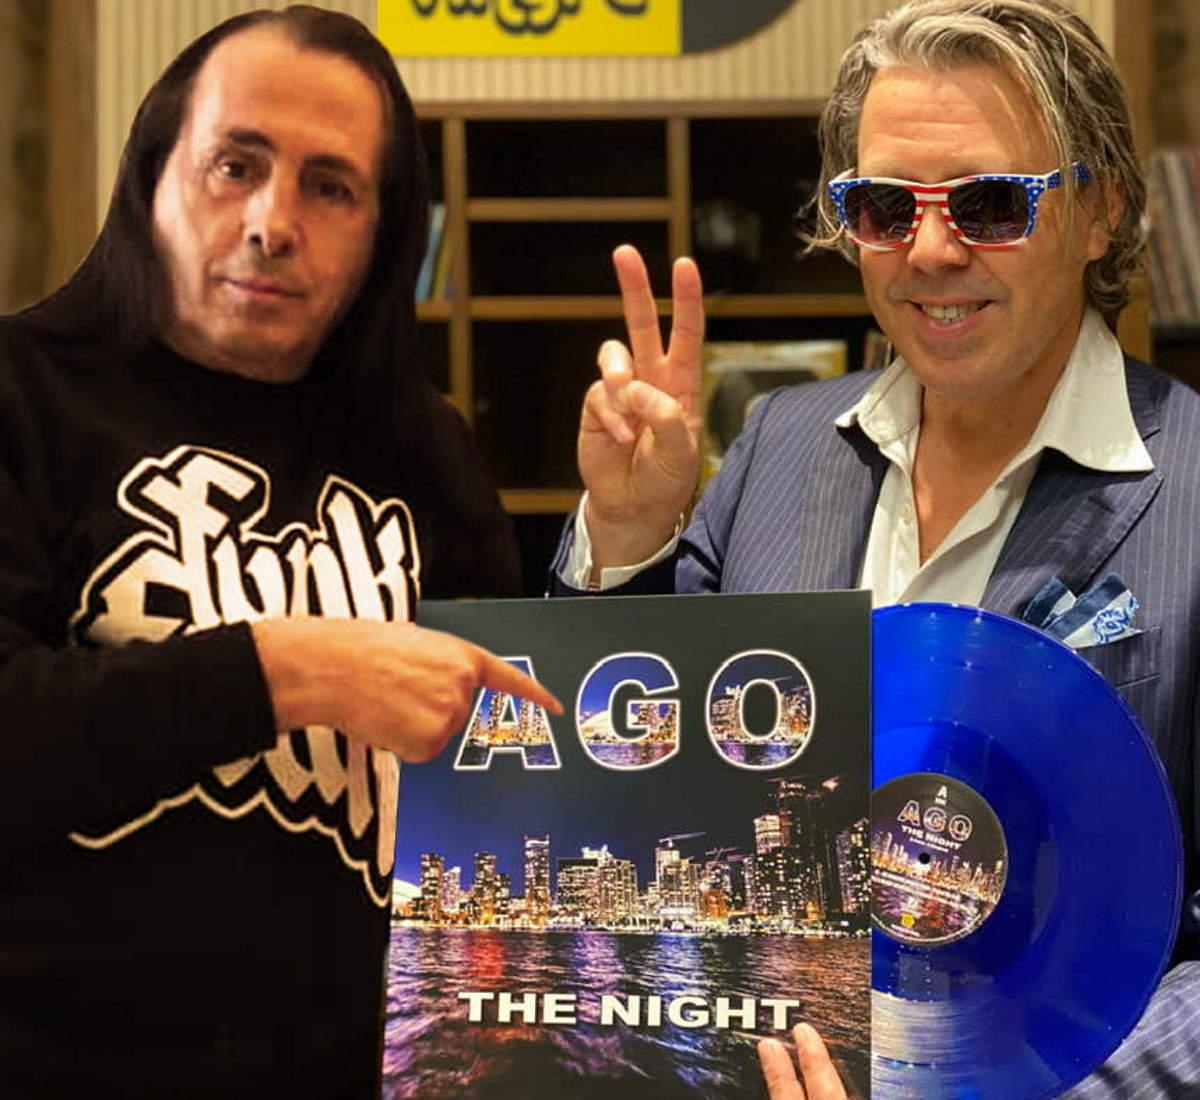 Ago - The Night, arriva il vinile